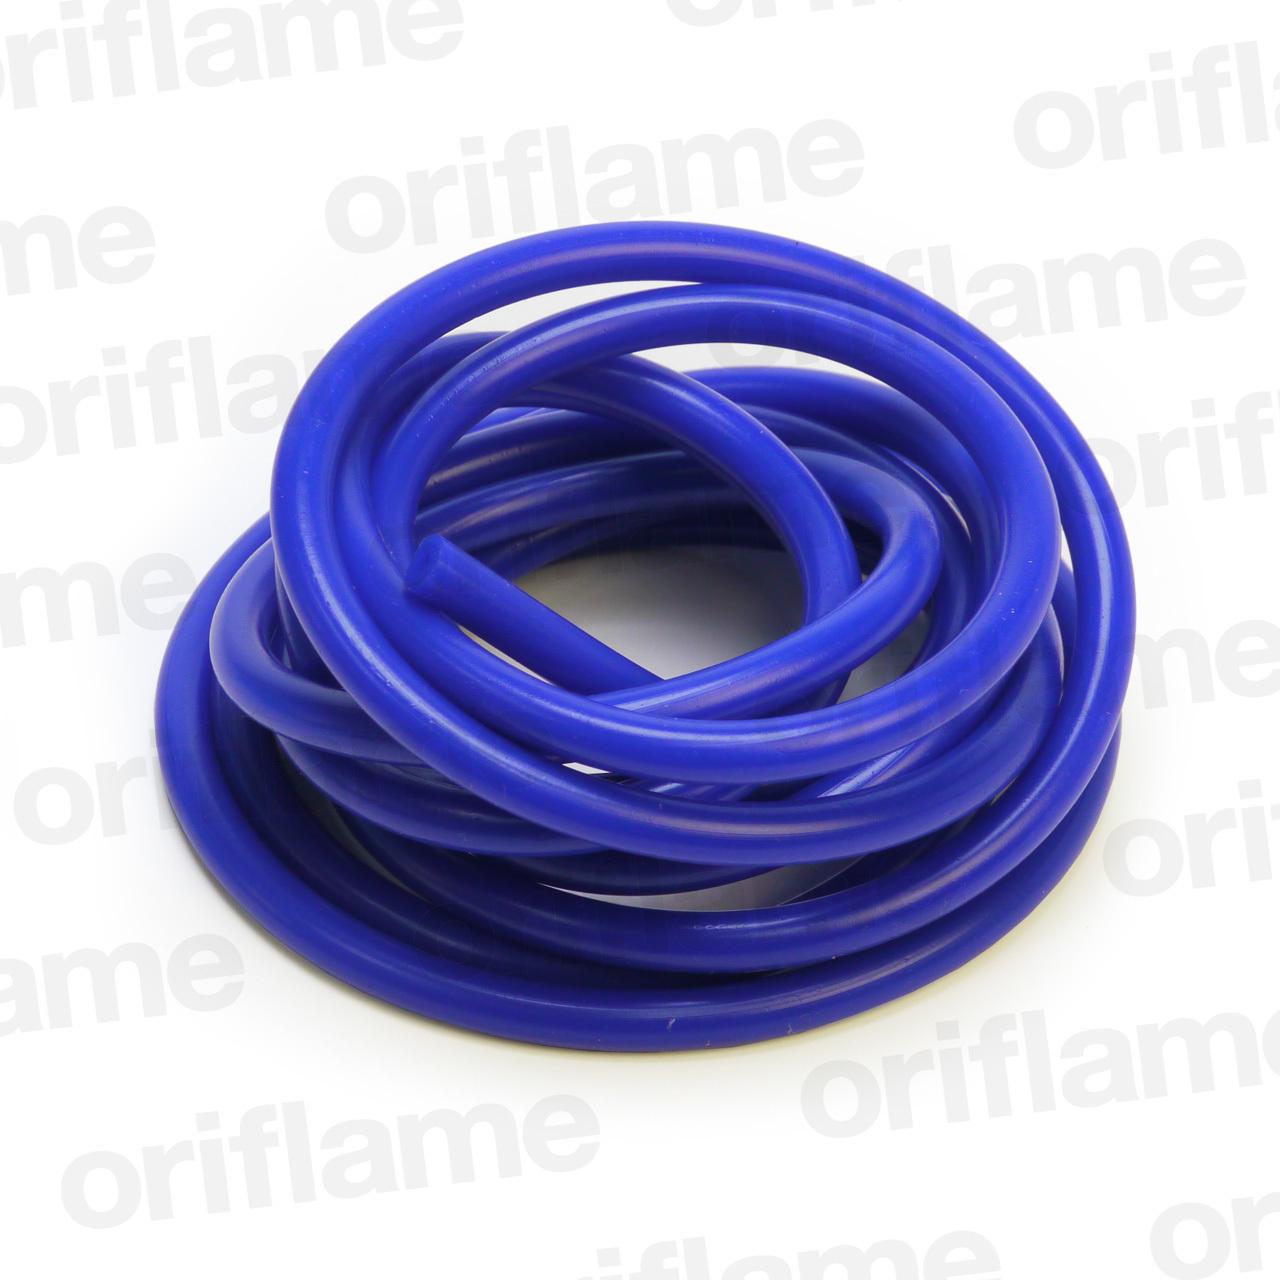 バキュームホース・内径4mm・ブルー・3m